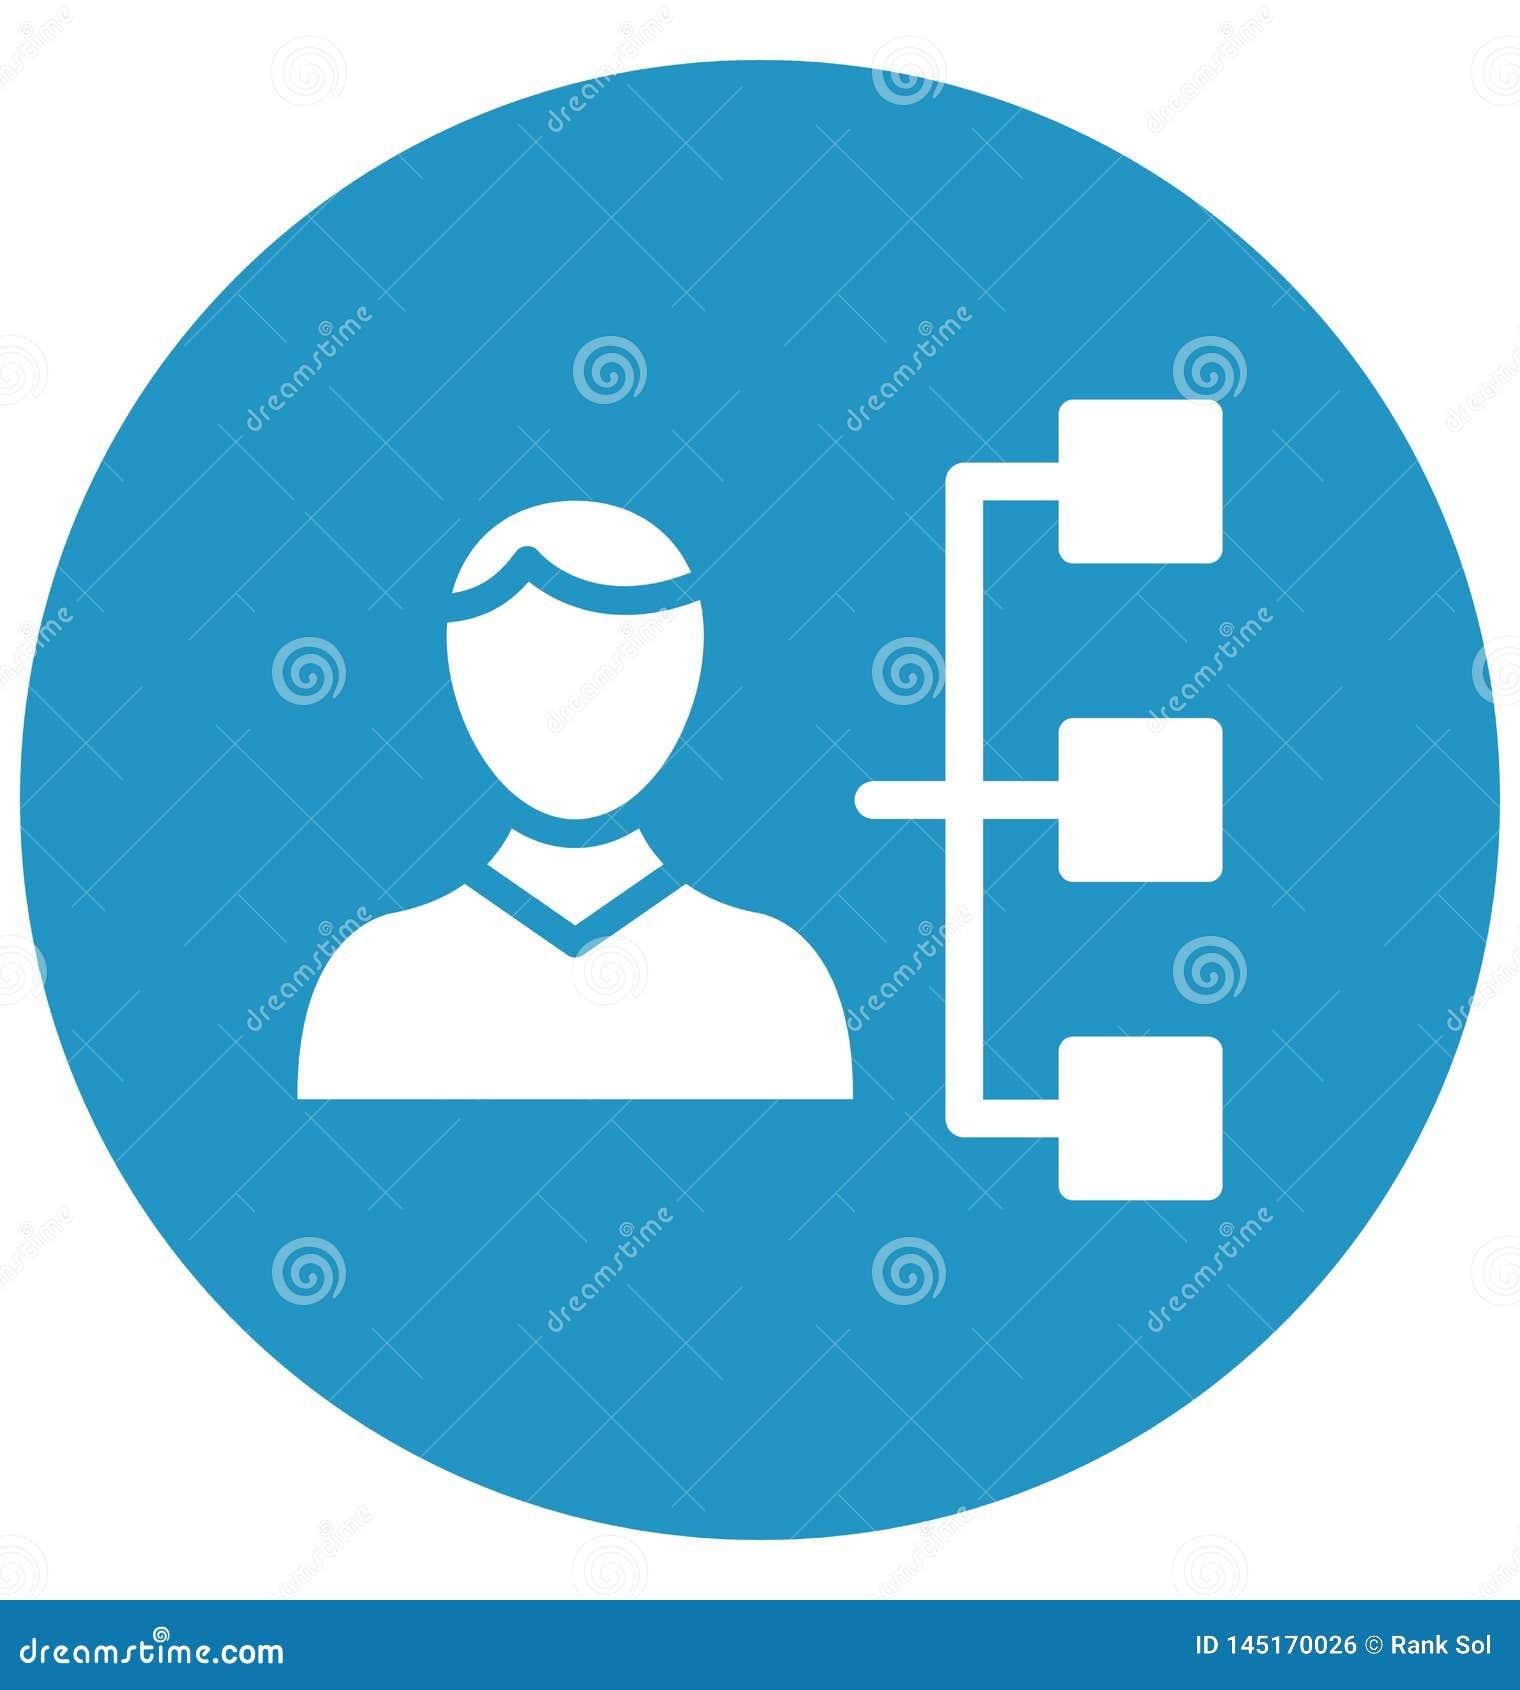 Den ledarskap isolerade vektorsymbolen, som kan lätt ändra eller redigera ledarskap, isolerade vektorsymbolen som kan lätt än